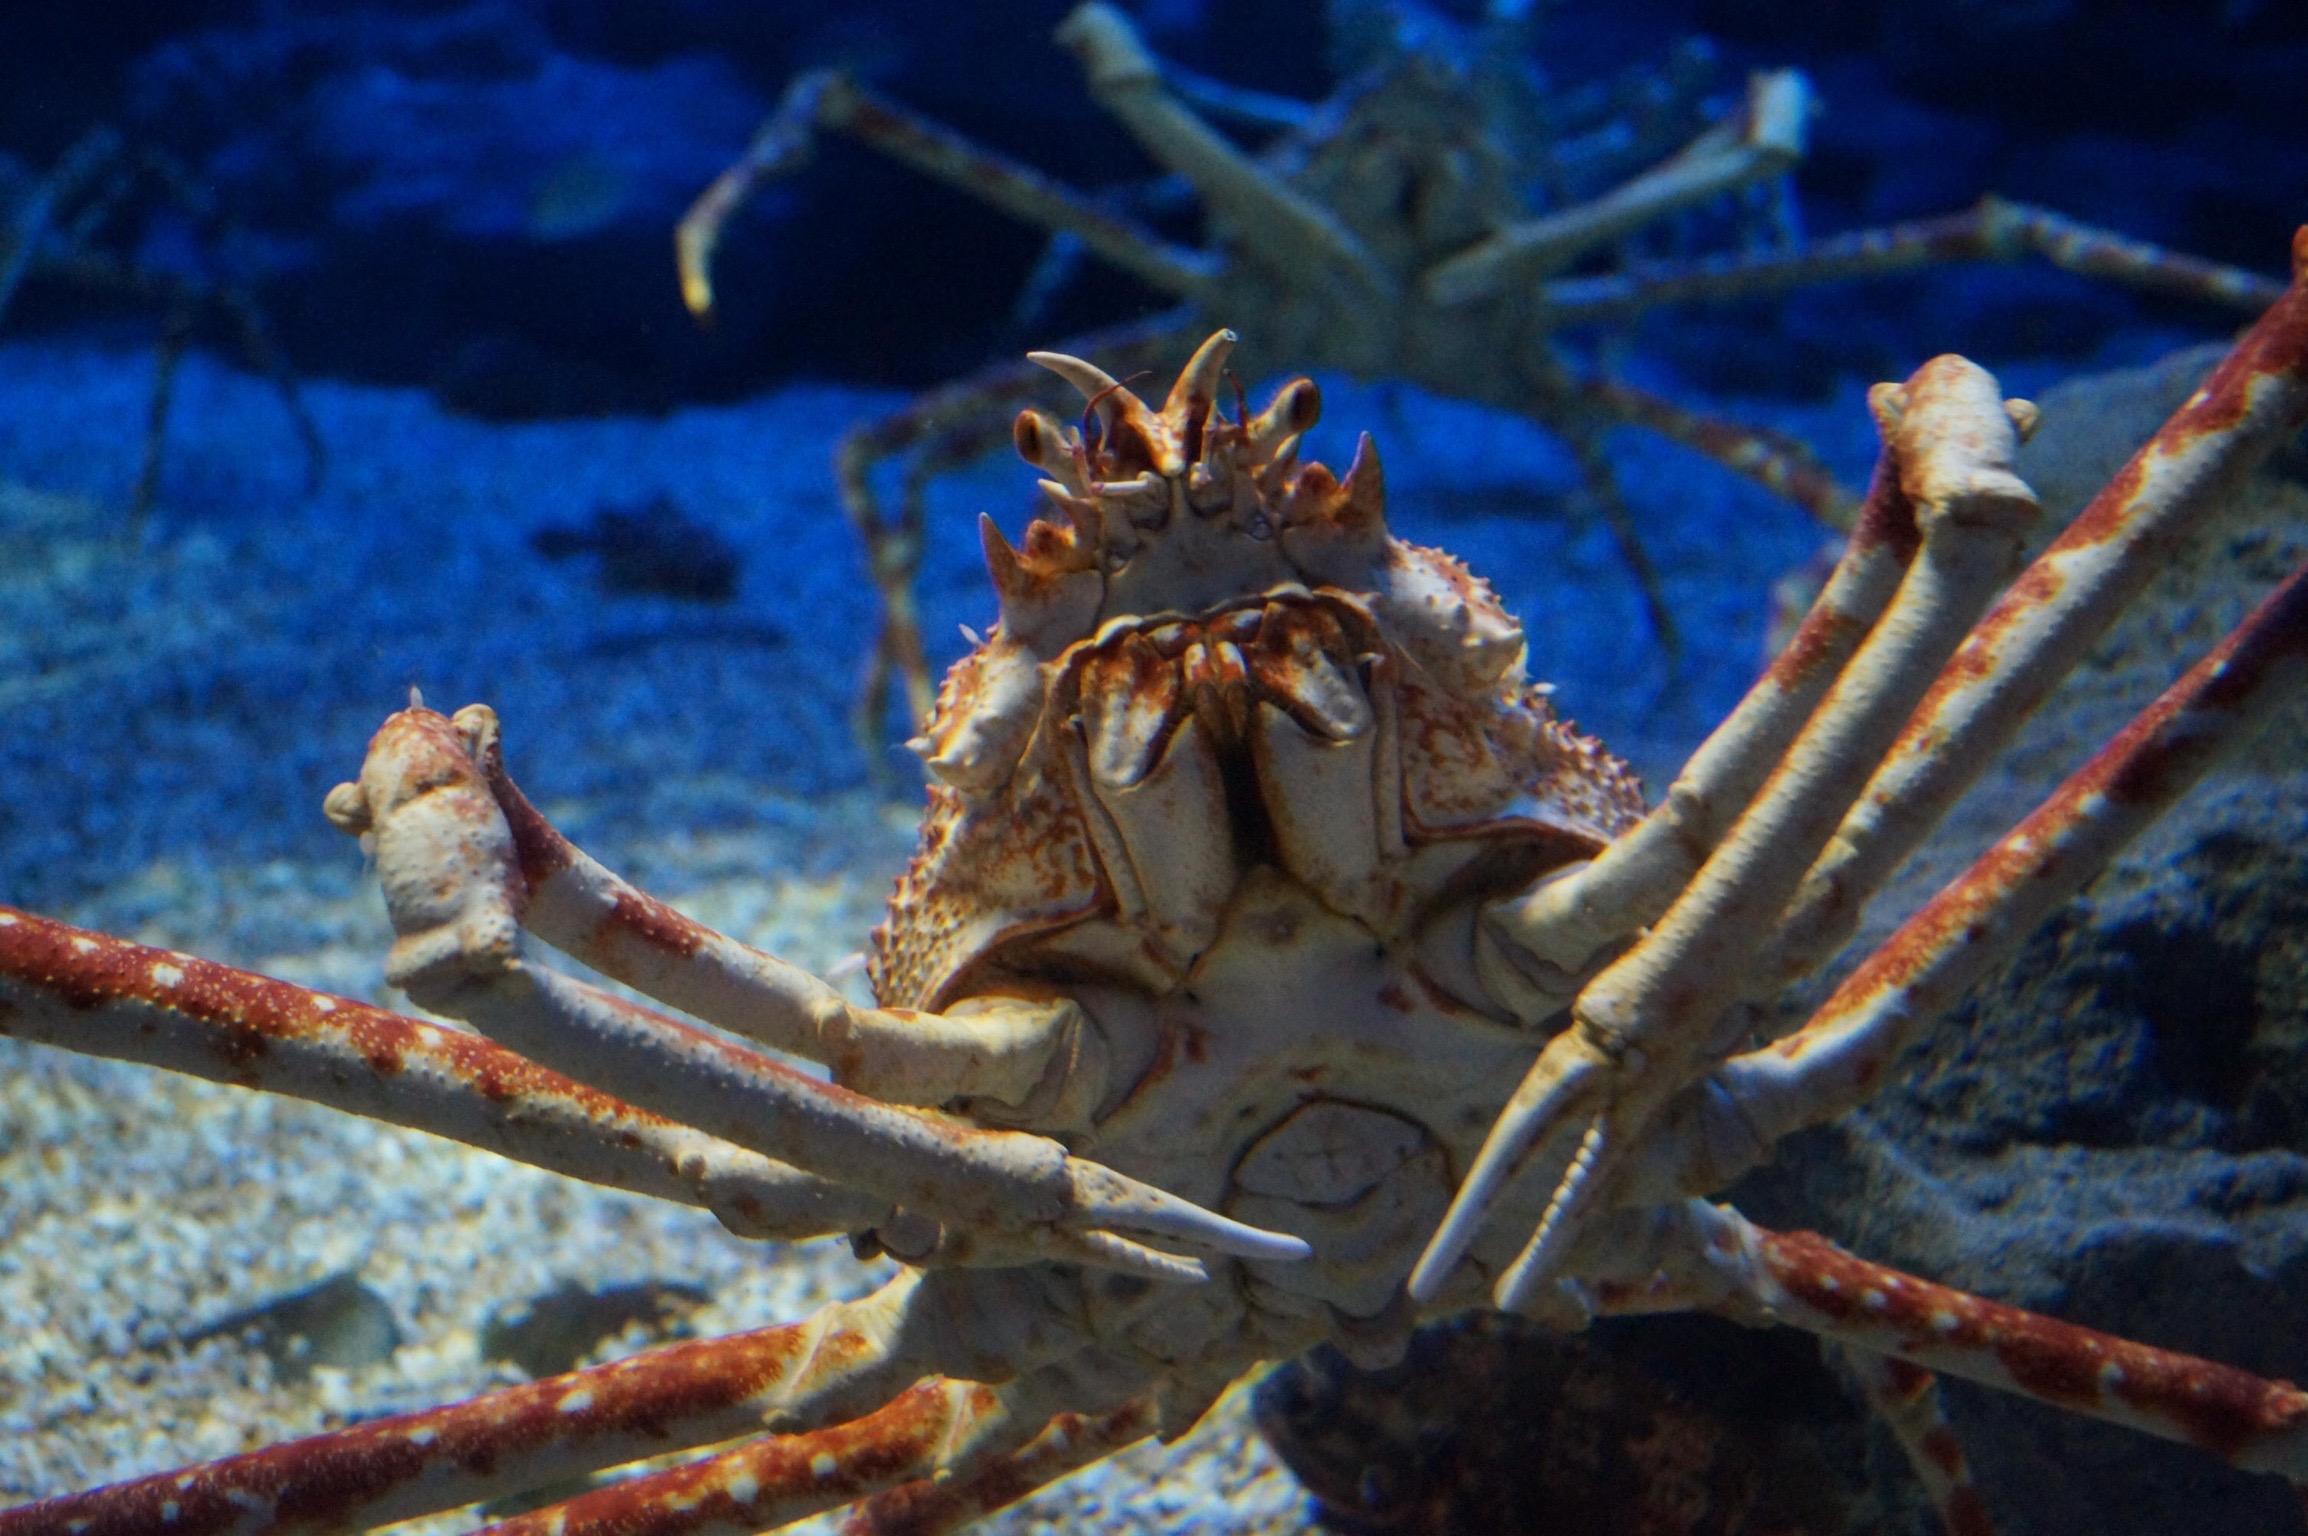 Spider crab - photo#43